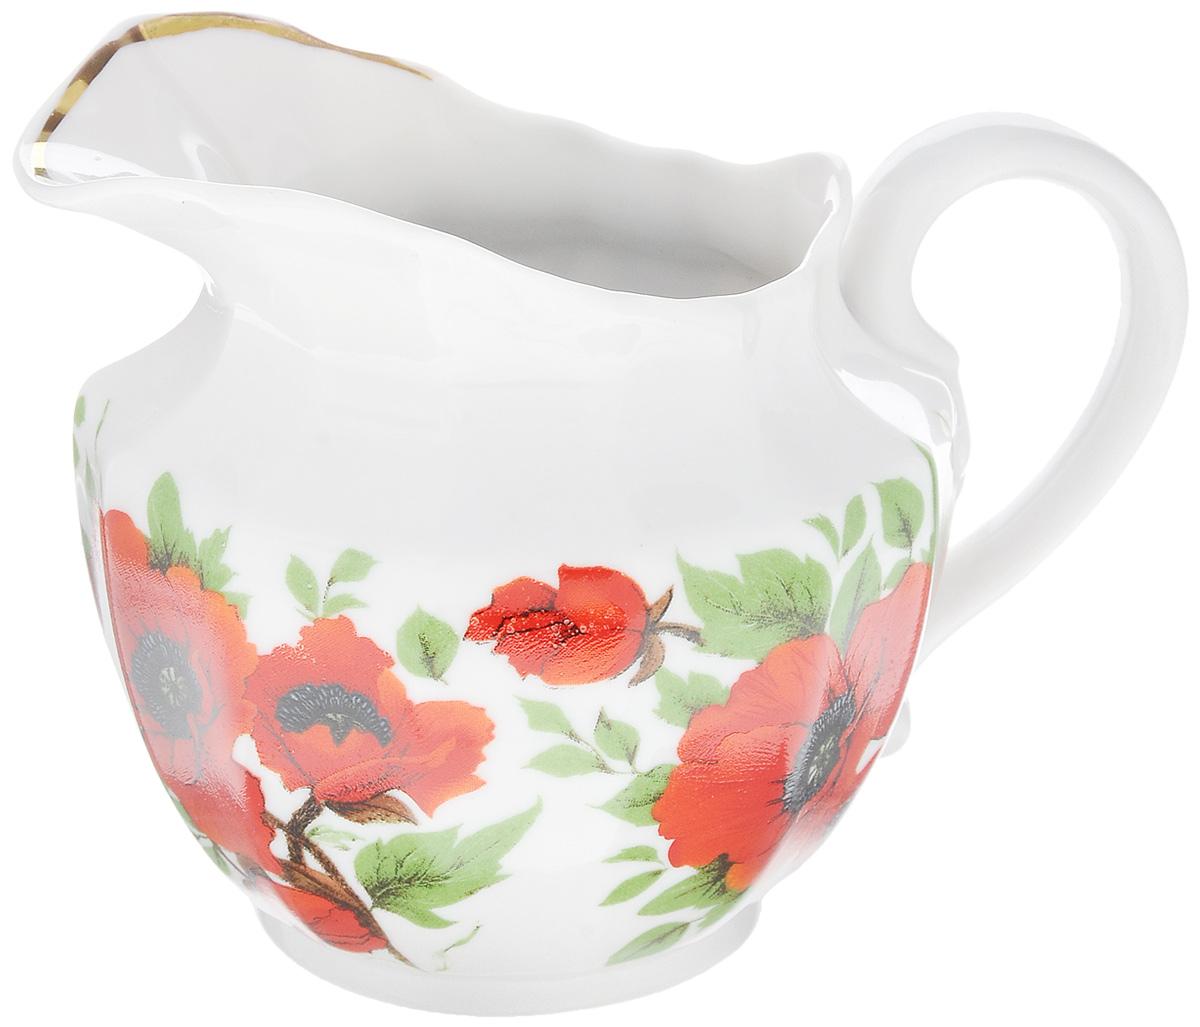 Сливочник Фарфор Вербилок Маки, 350 мл54 009312Сливочник Фарфор Вербилок Маки выполнен из высококачественного фарфора и декорирован рисунком с изображением красных маков. Это изделие предназначено для того, чтобы красиво и аппетитно подавать на стол сливки или молоко к чаю, кофе, супу или фруктам.Размер сливочника (по верхнему краю): 9 х 7 см.Высота сливочника: 10 см.